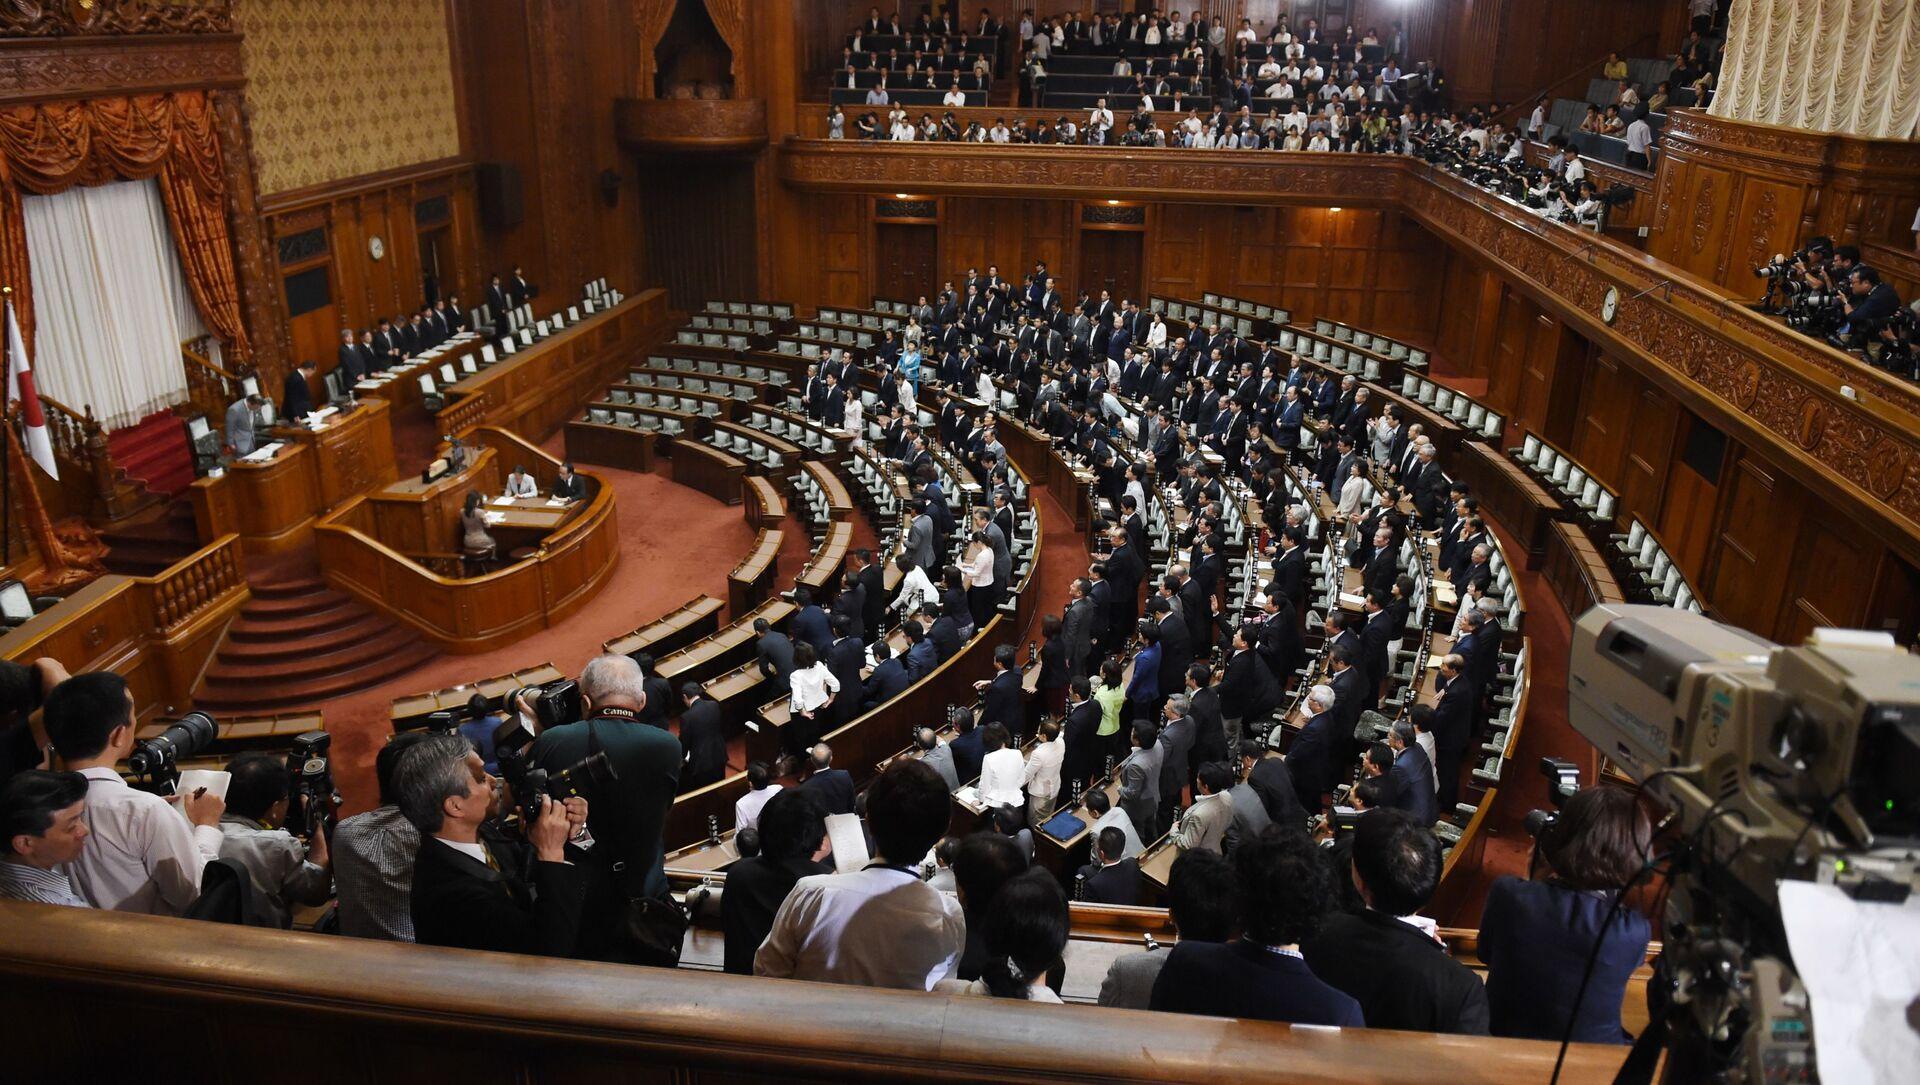 日本 自民党総裁選が告示 4名が立候補の届け出を行う - Sputnik 日本, 1920, 17.09.2021